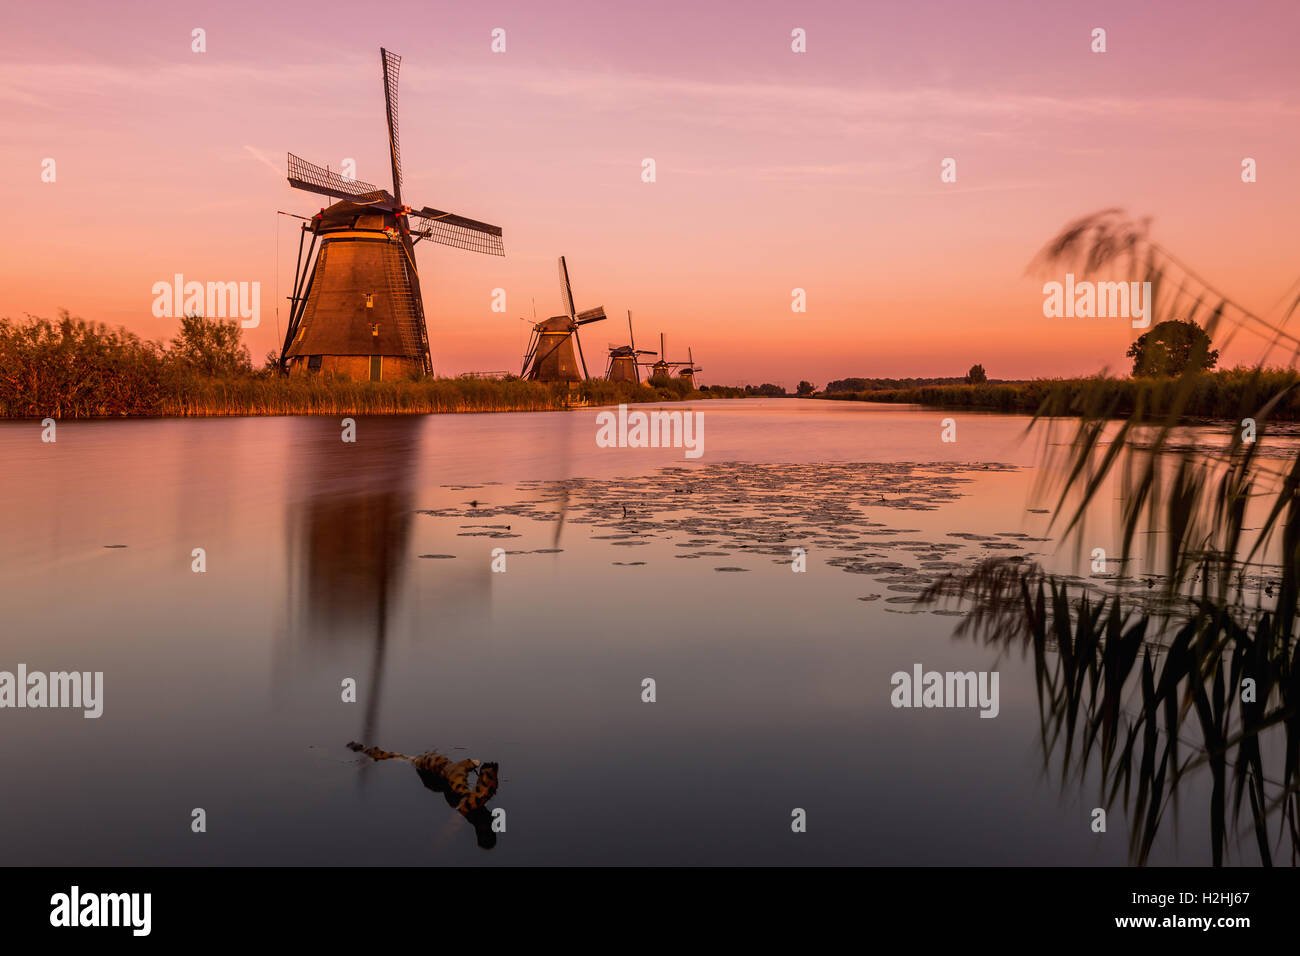 Mulini a vento di Kinderdijk vicino a Rotterdam nei Paesi Bassi. Molla colorata in scena la famosa Kinderdijk canali Immagini Stock